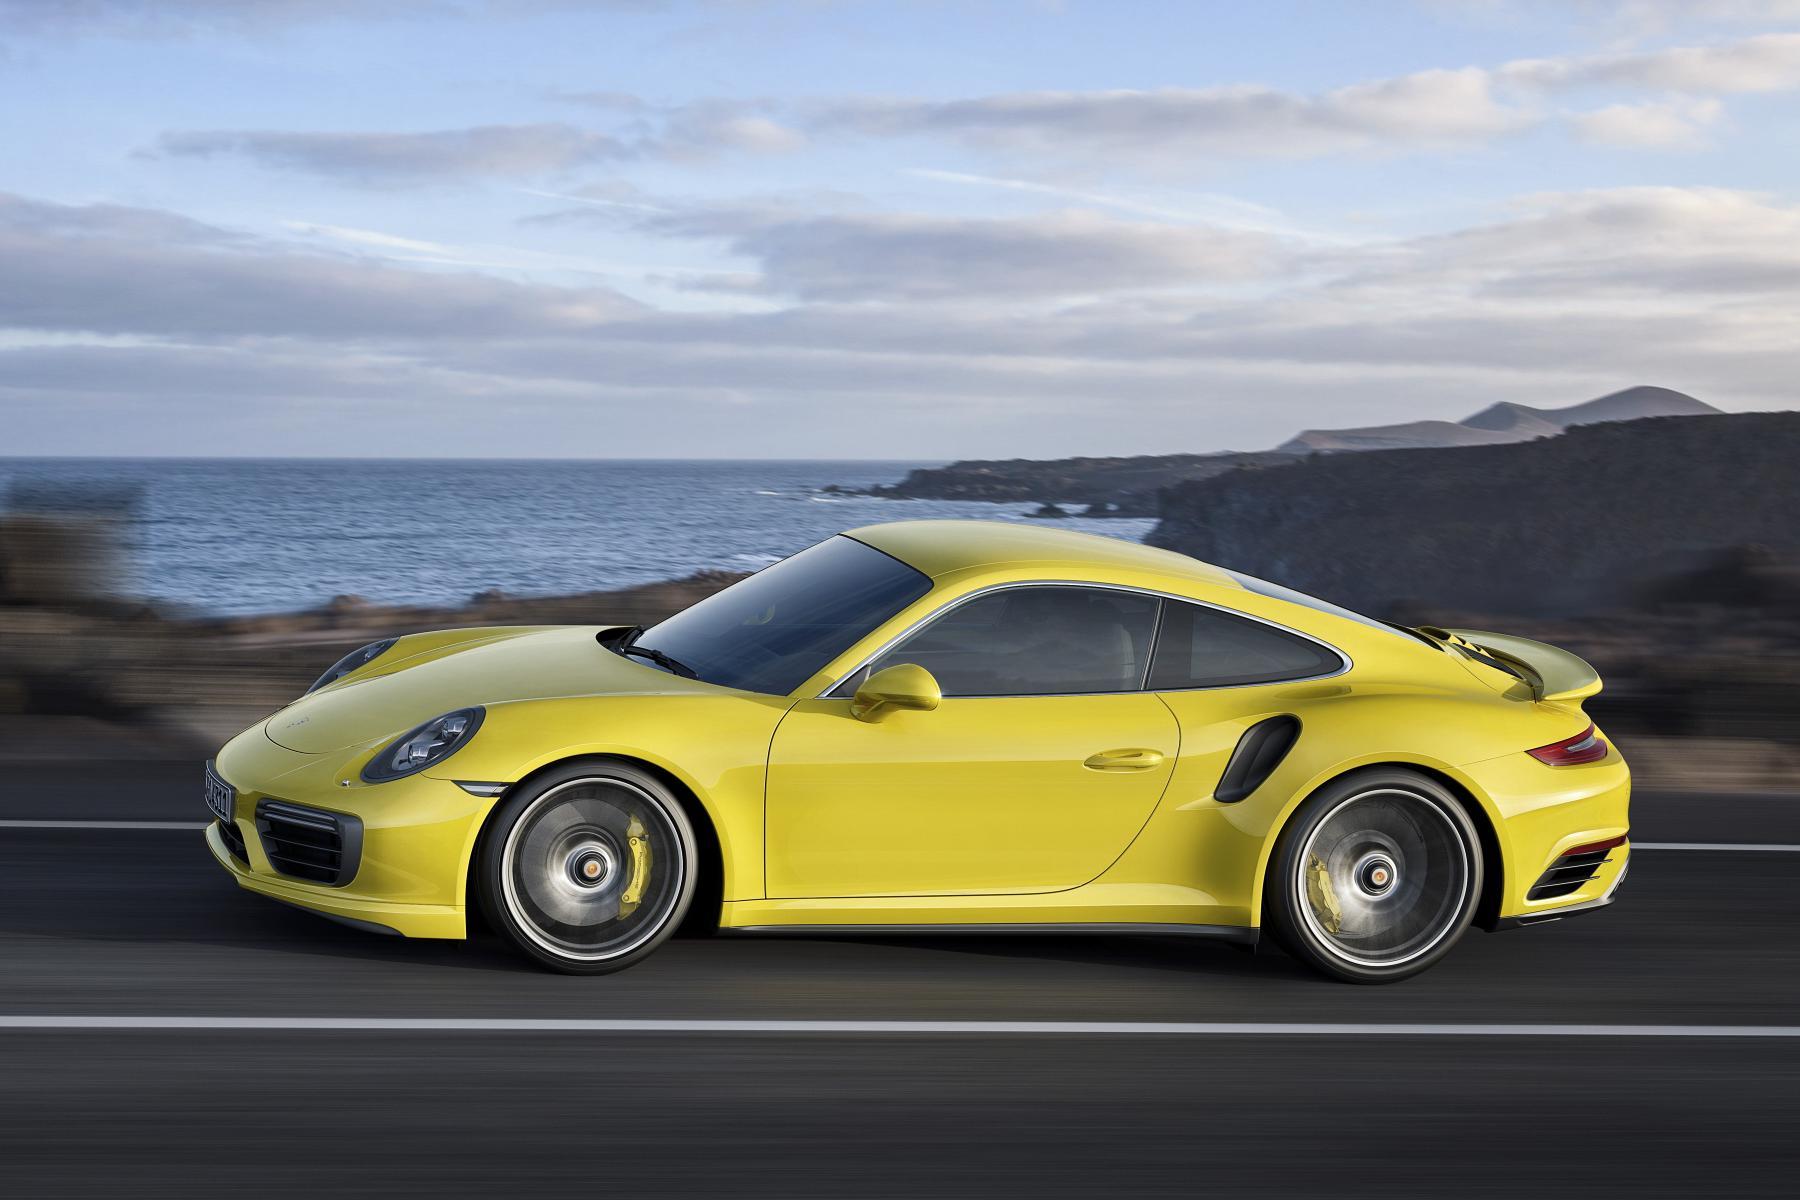 Nuova Porsche 911 Turbo e 911 Turbo S ecco i prezzi 7